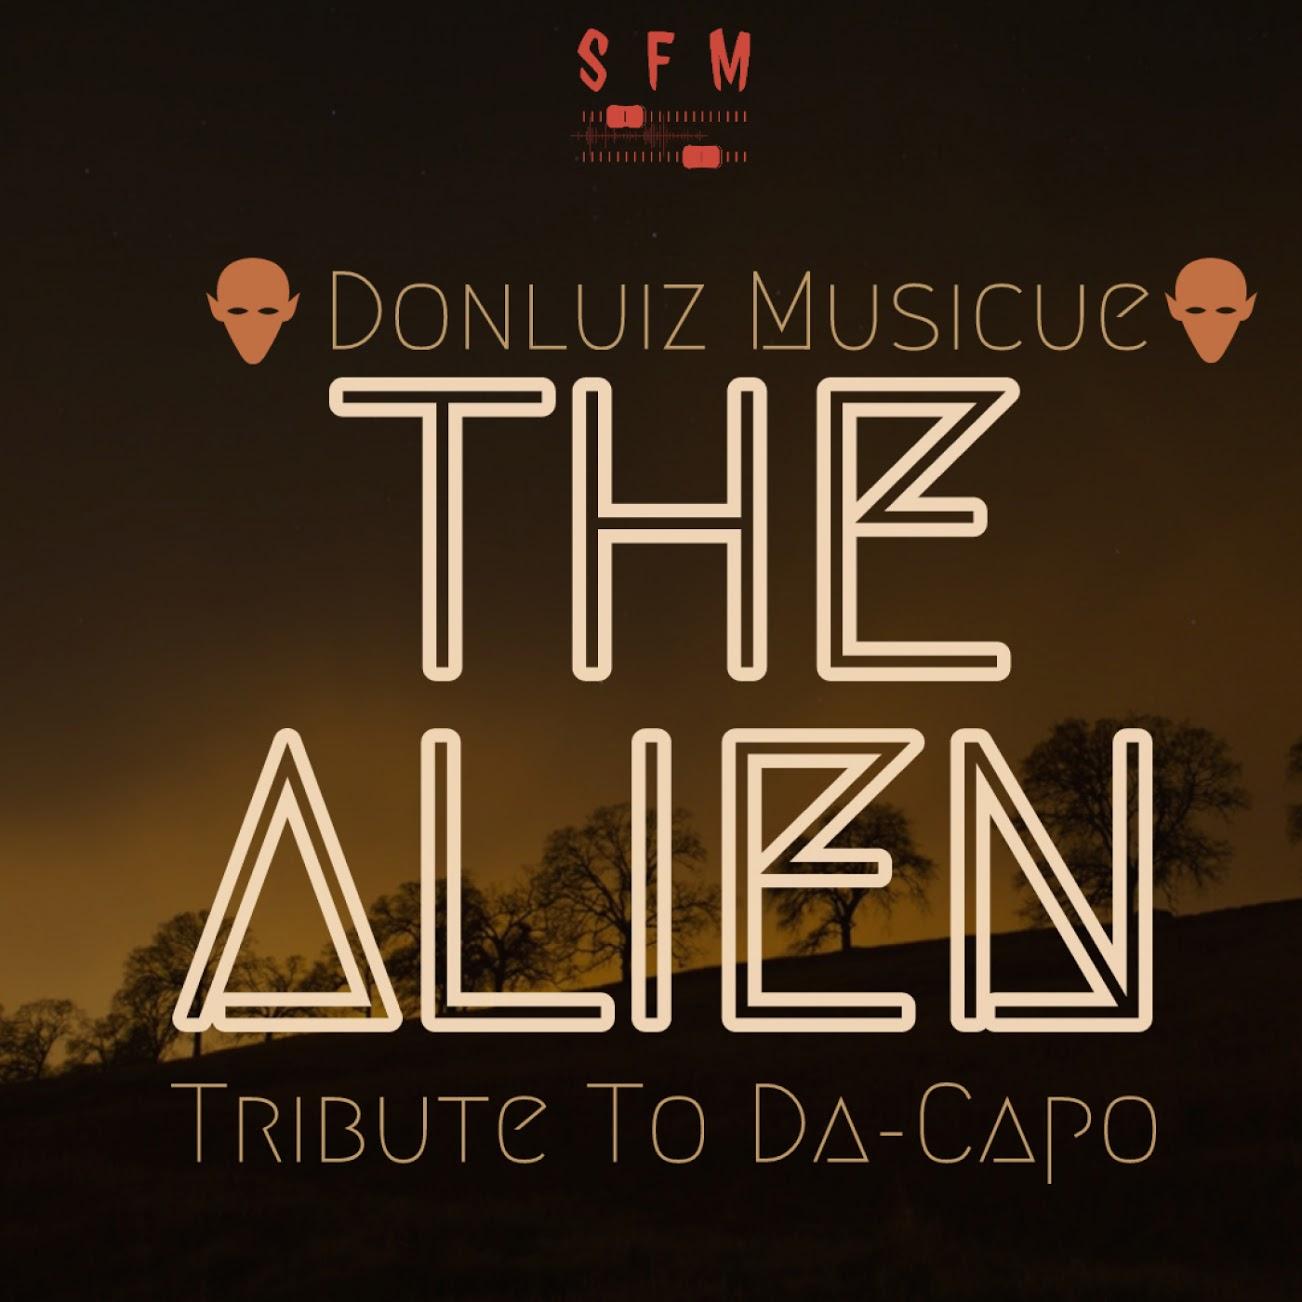 Donluiz Musicue RSA The Alien - Donluiz Musicue (RSA) – The Alien (Tribute to Da Capo)